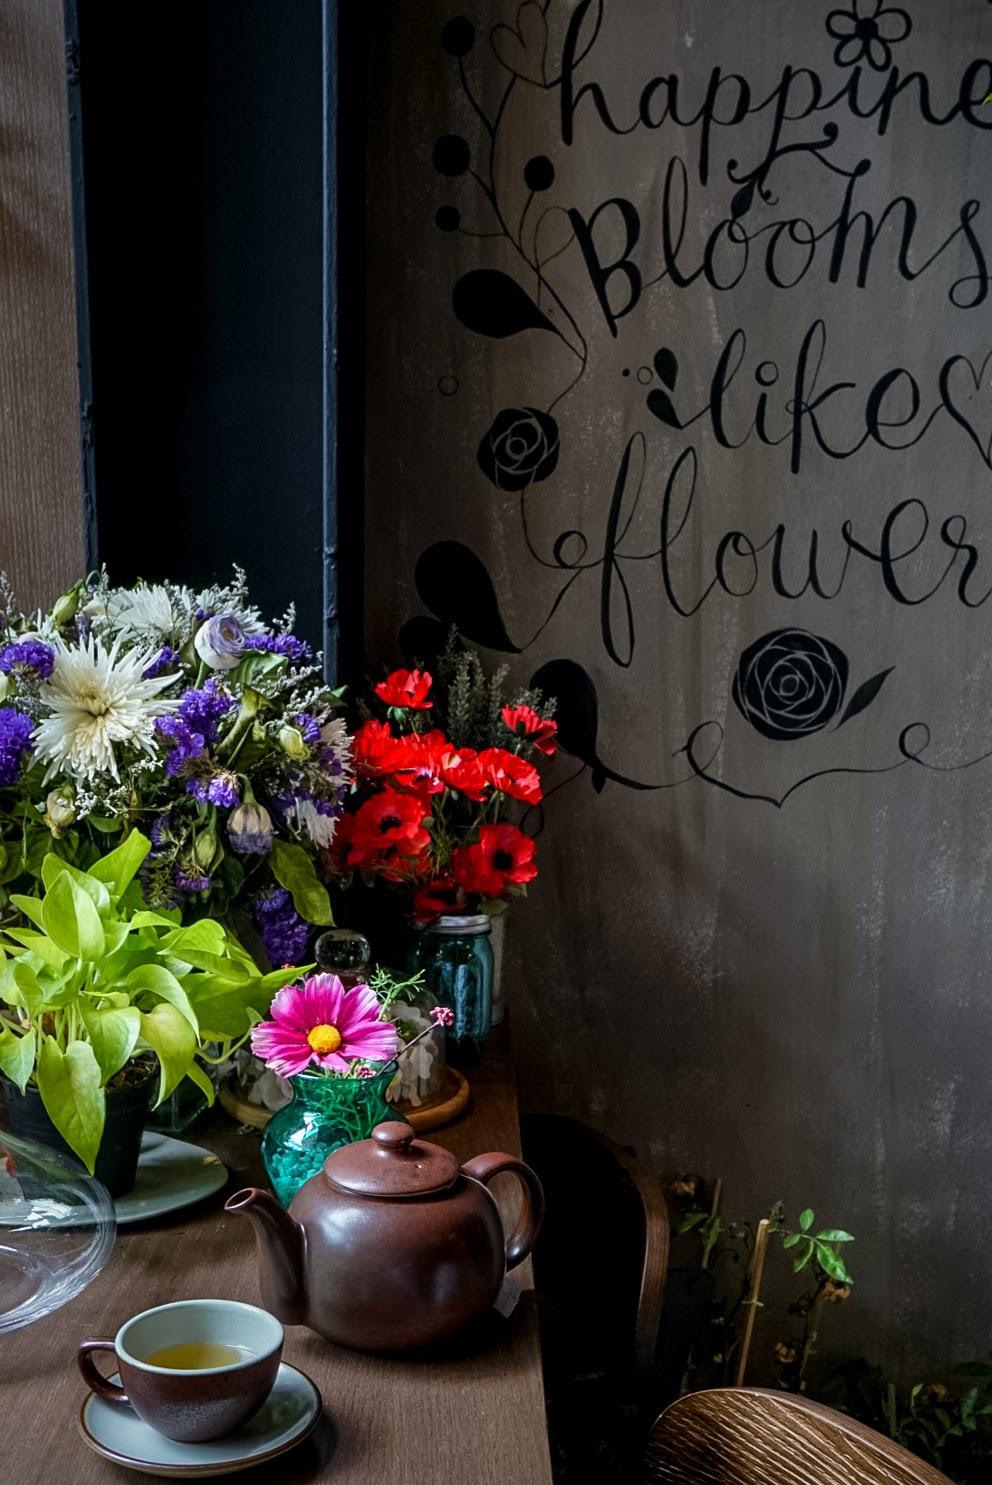 Vitrine da loja de flores e citação de felicidade na parede.